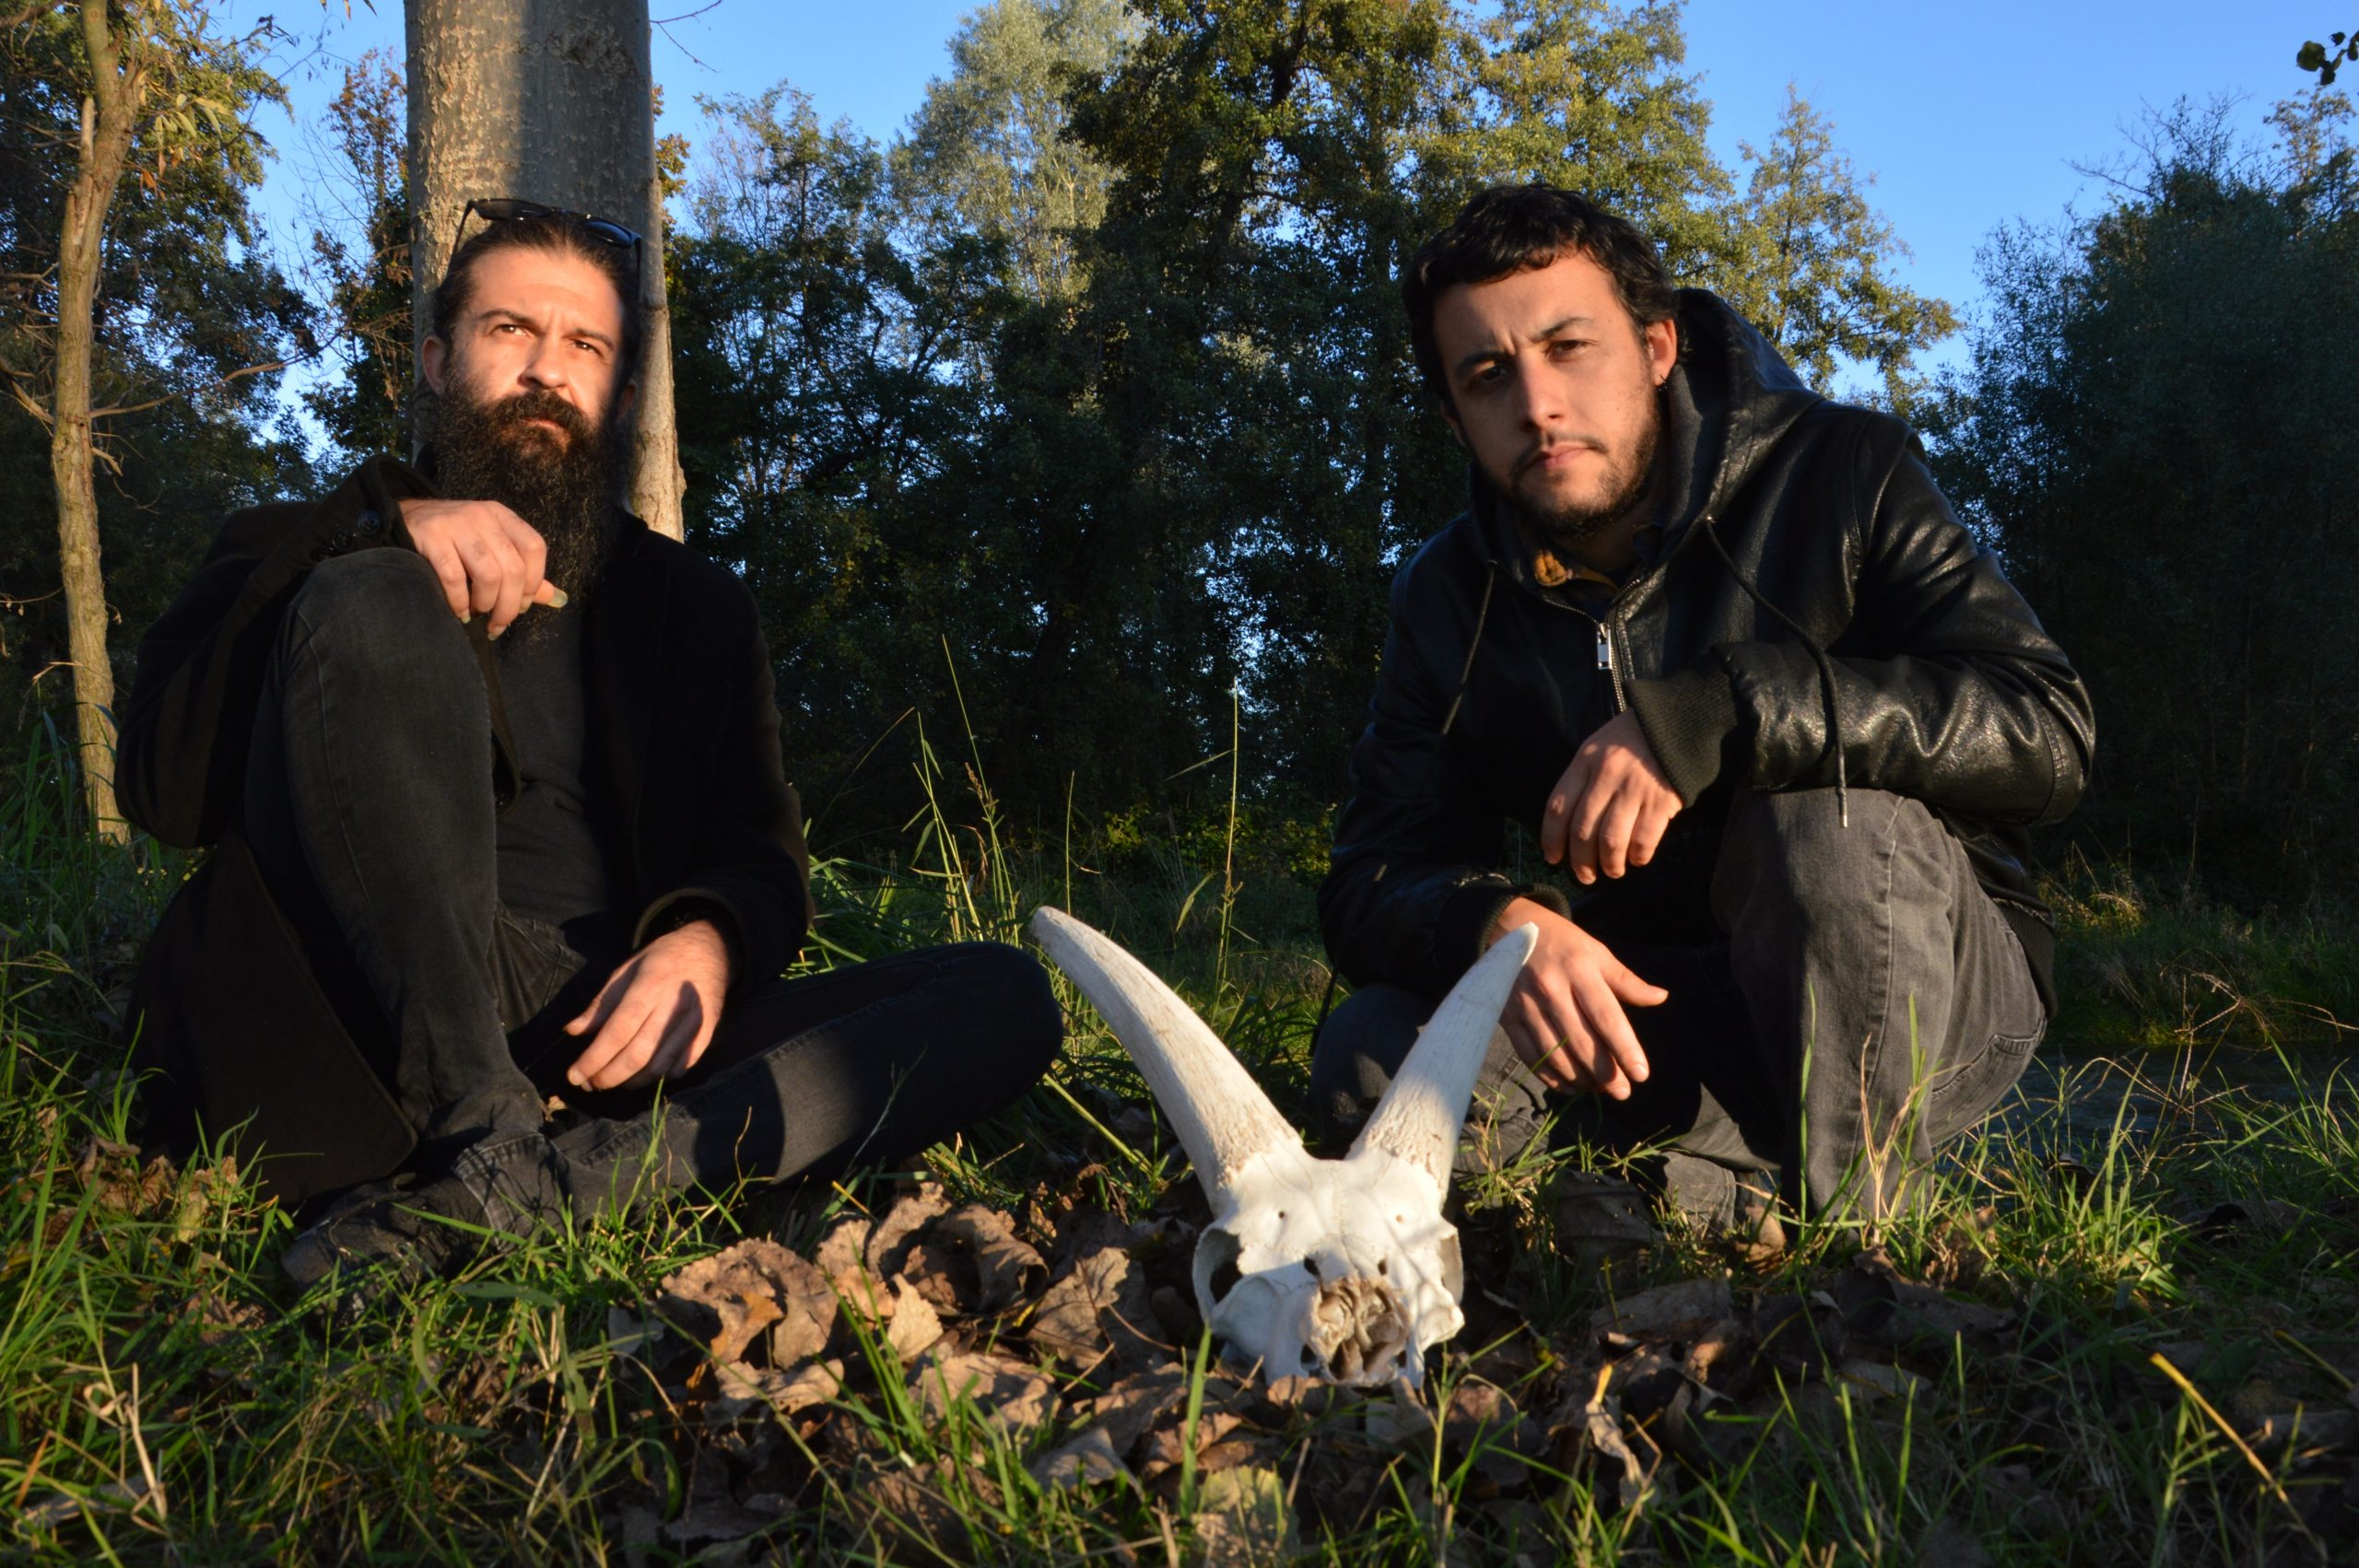 L'essenza più oscura e vibrante del rock: l'album Eremo dei Nitritono - Foto del duo Nitritono